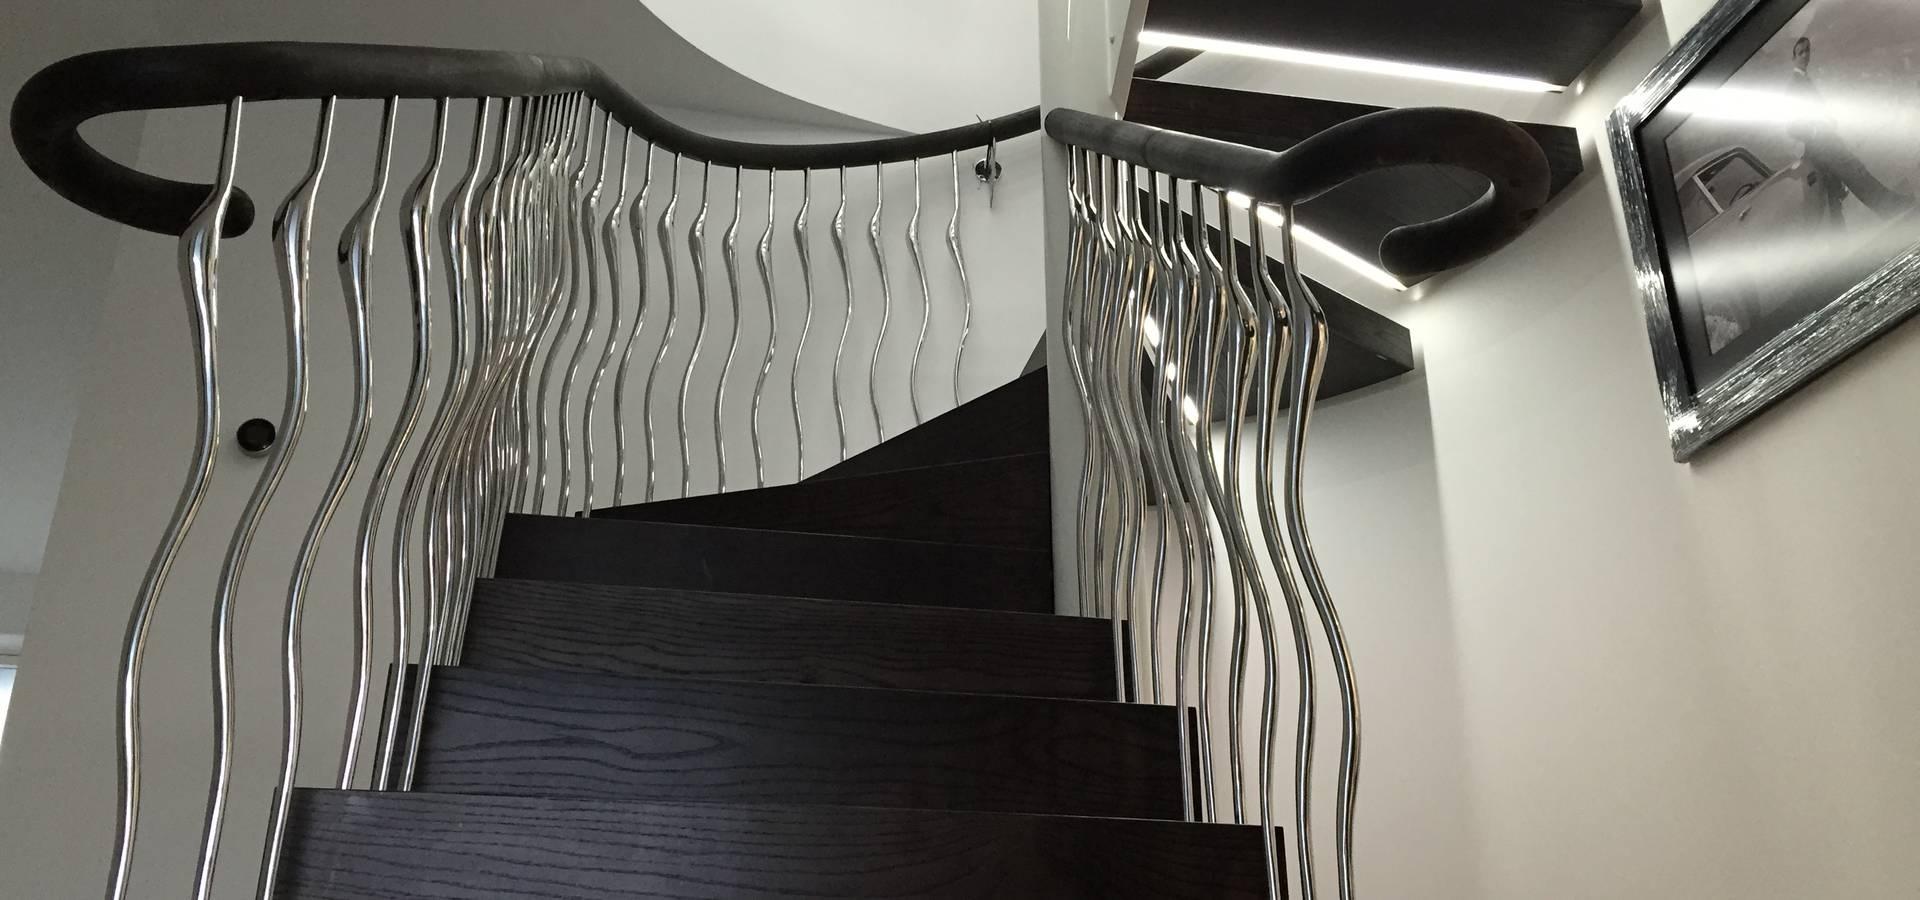 Zigzag Design Studio (Sculptural Structures)